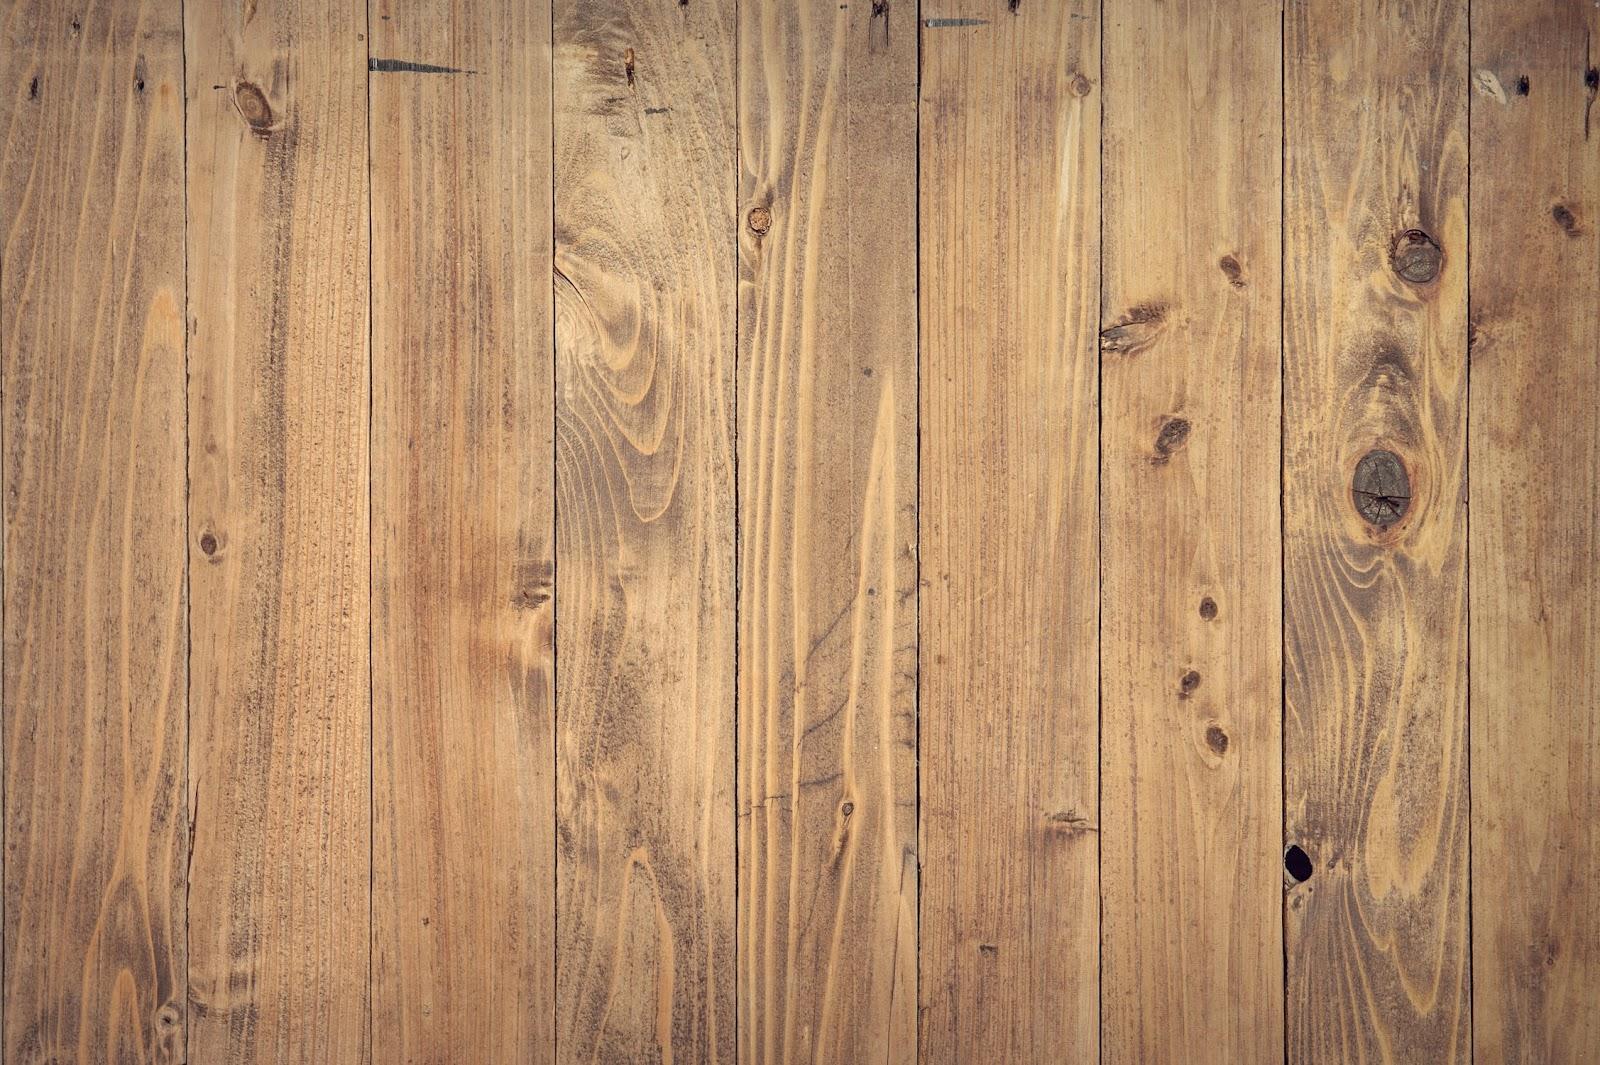 Warum Holz beizen?